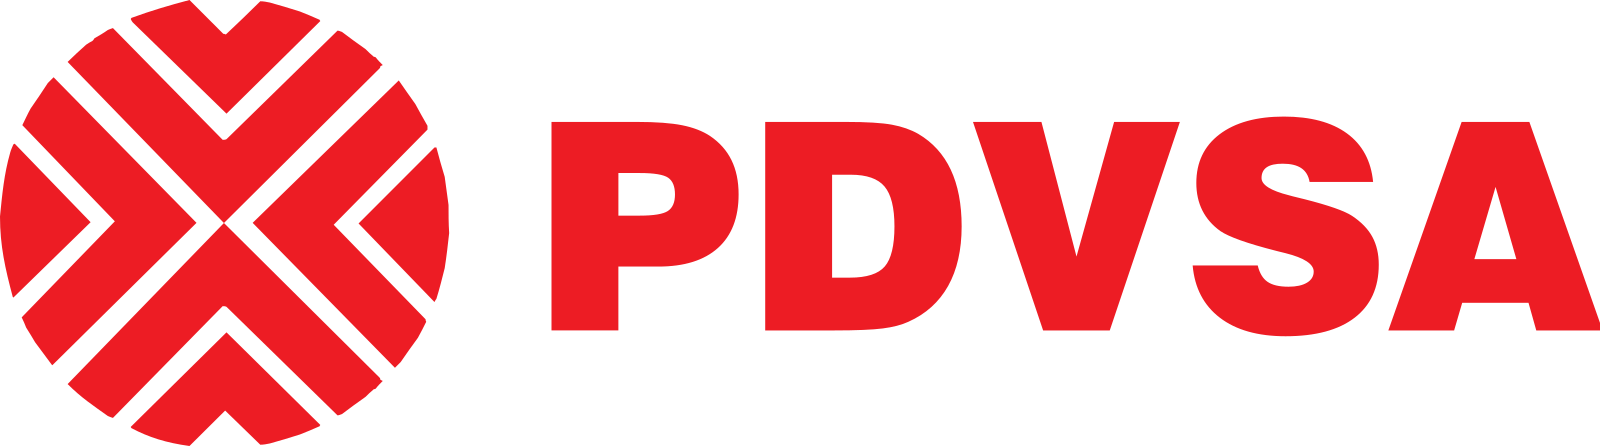 pdvsa-logo-2